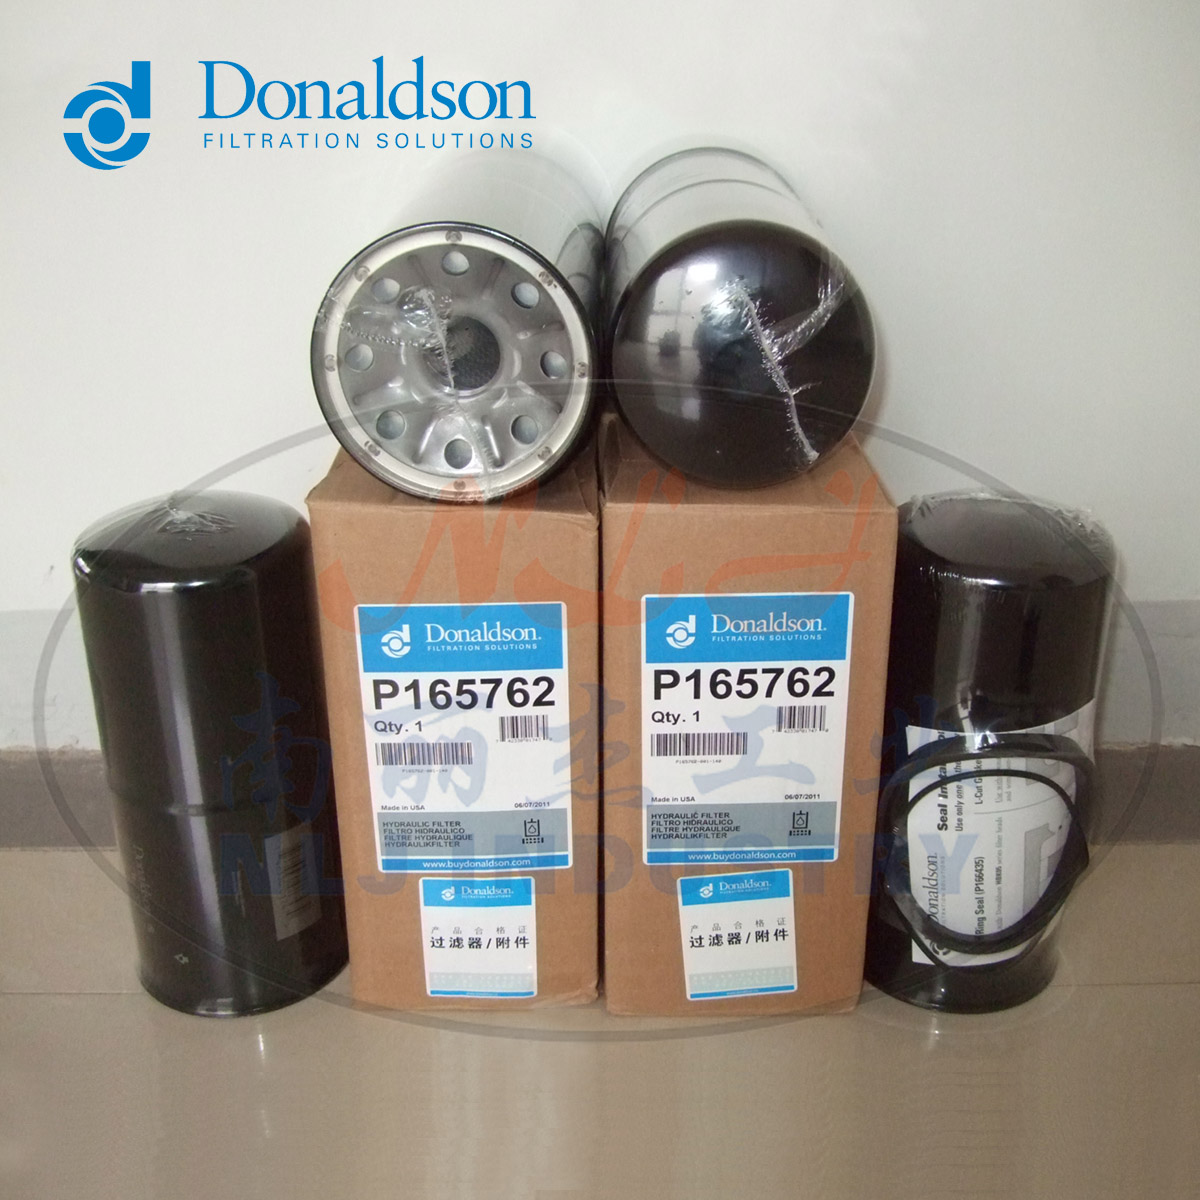 donaldson(唐纳森)滤芯p165762图片